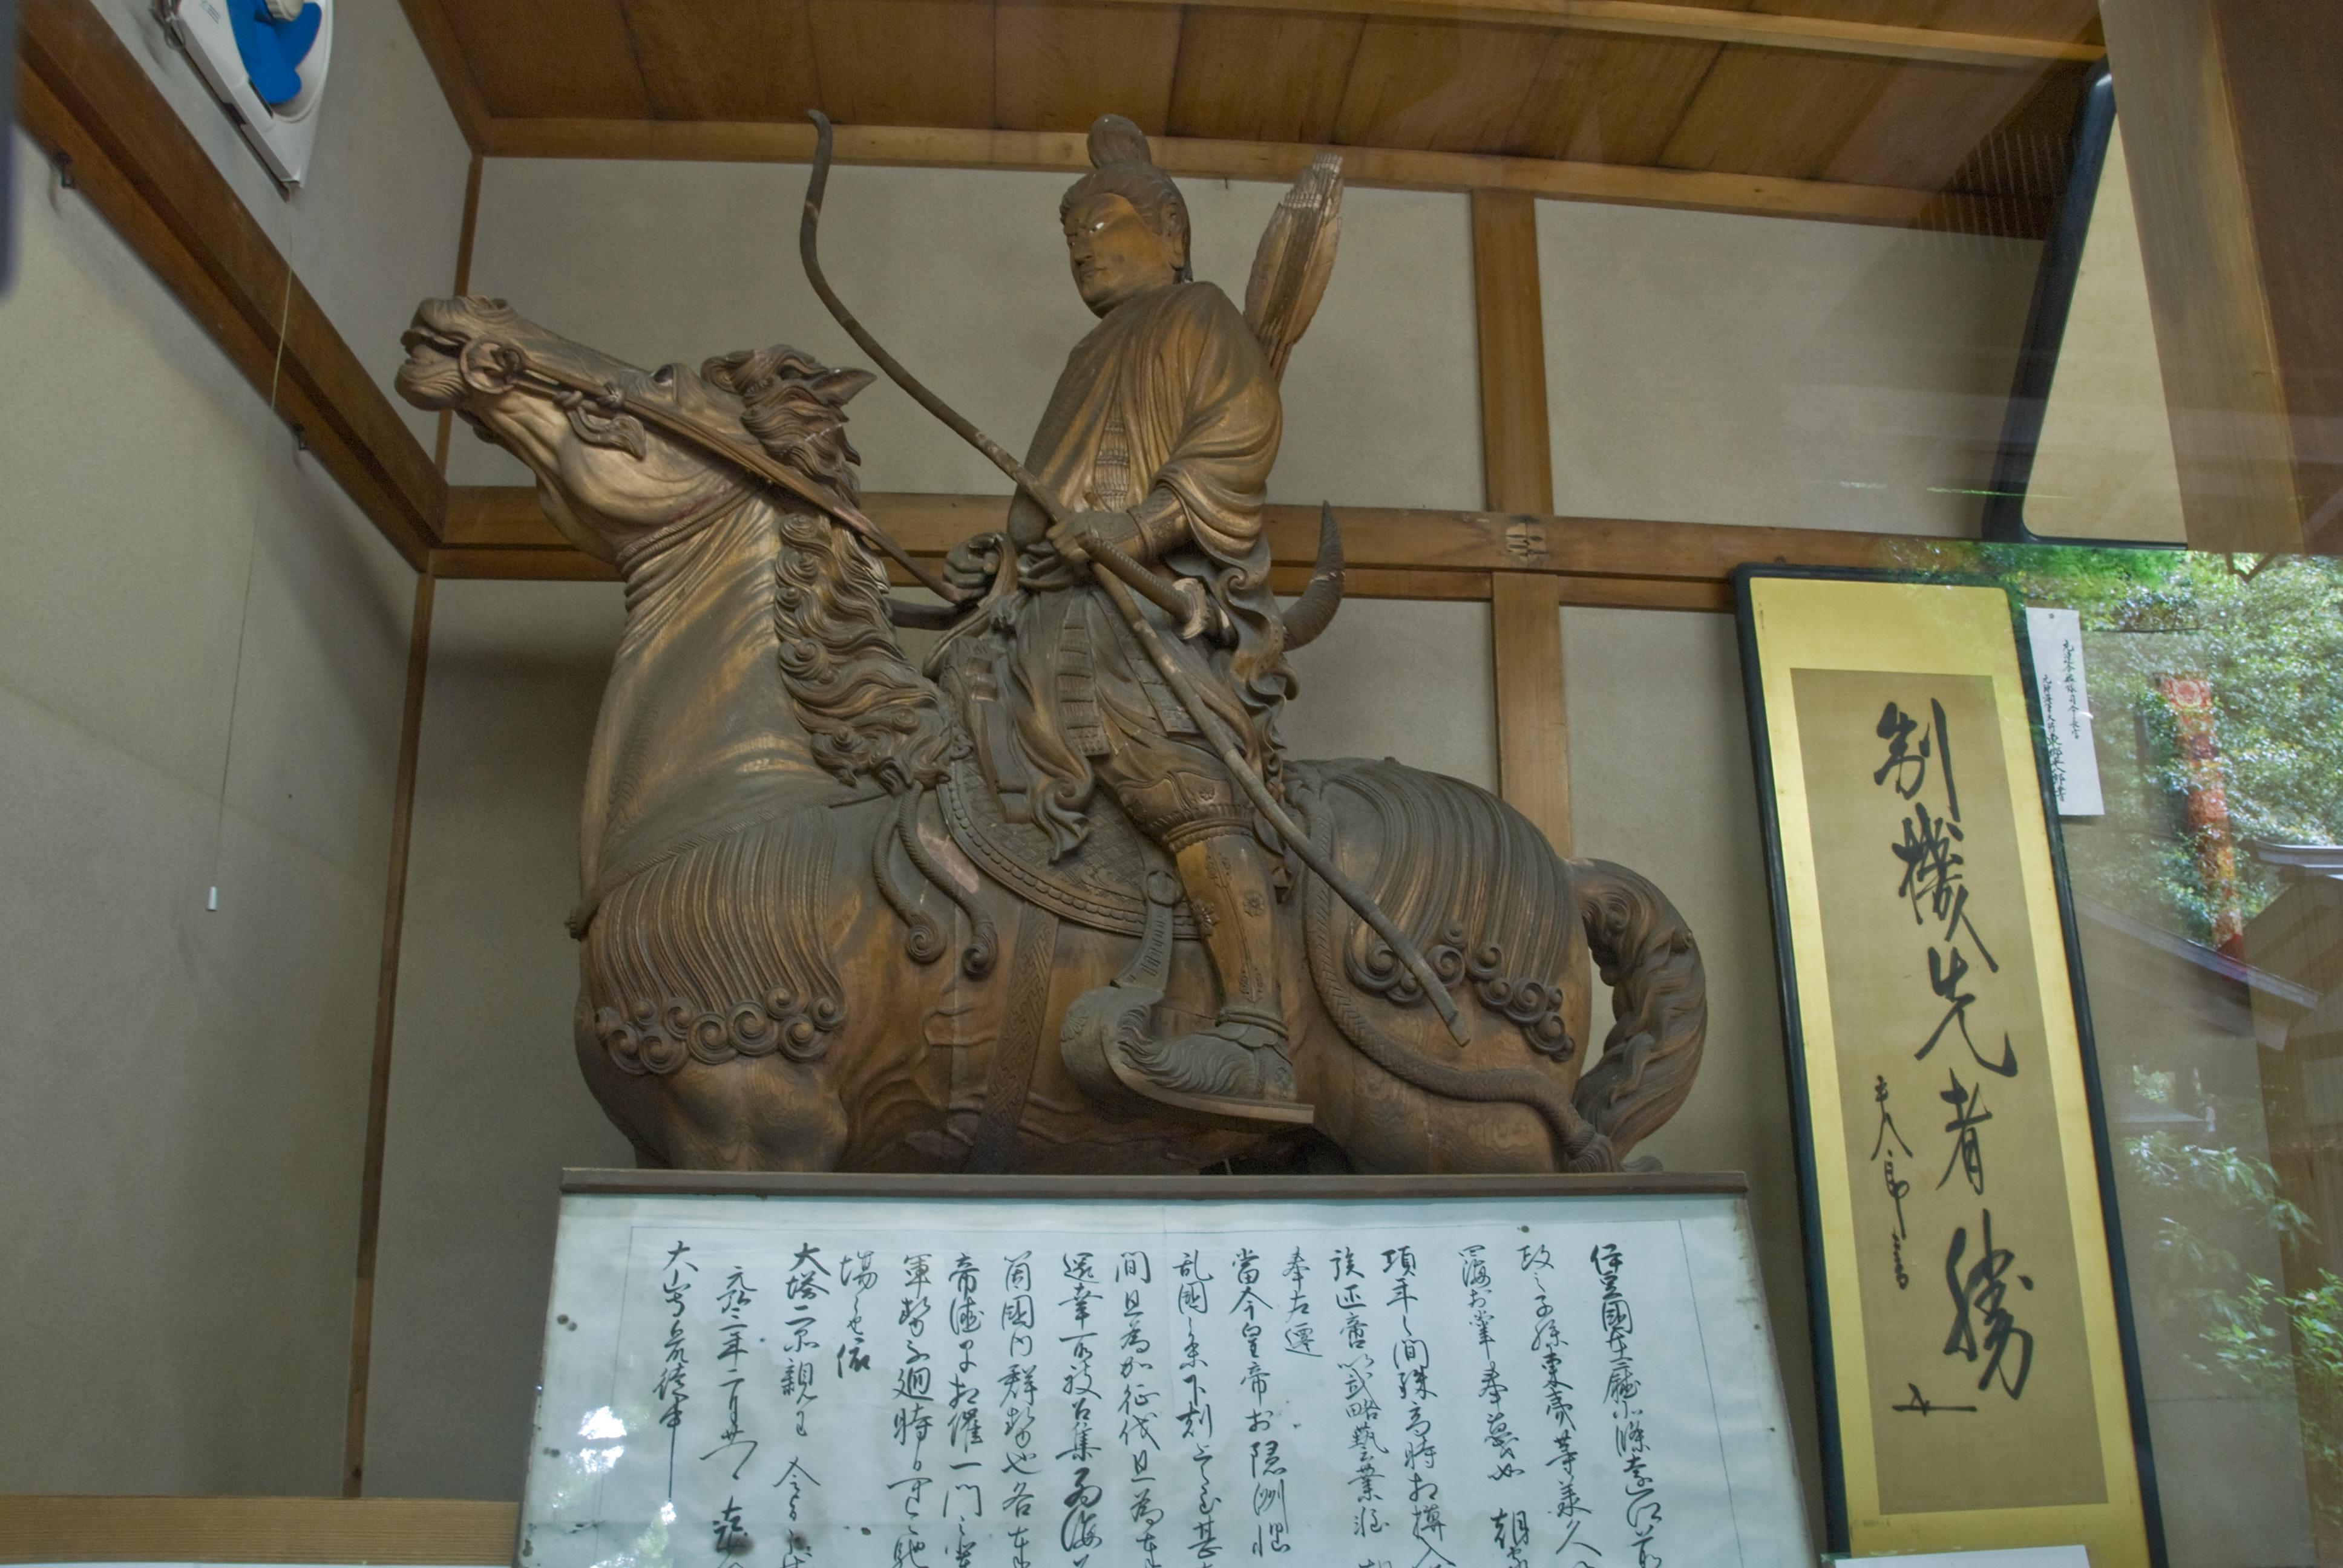 http://upload.wikimedia.org/wikipedia/commons/b/be/Kamakura-gu_Treasure.jpg